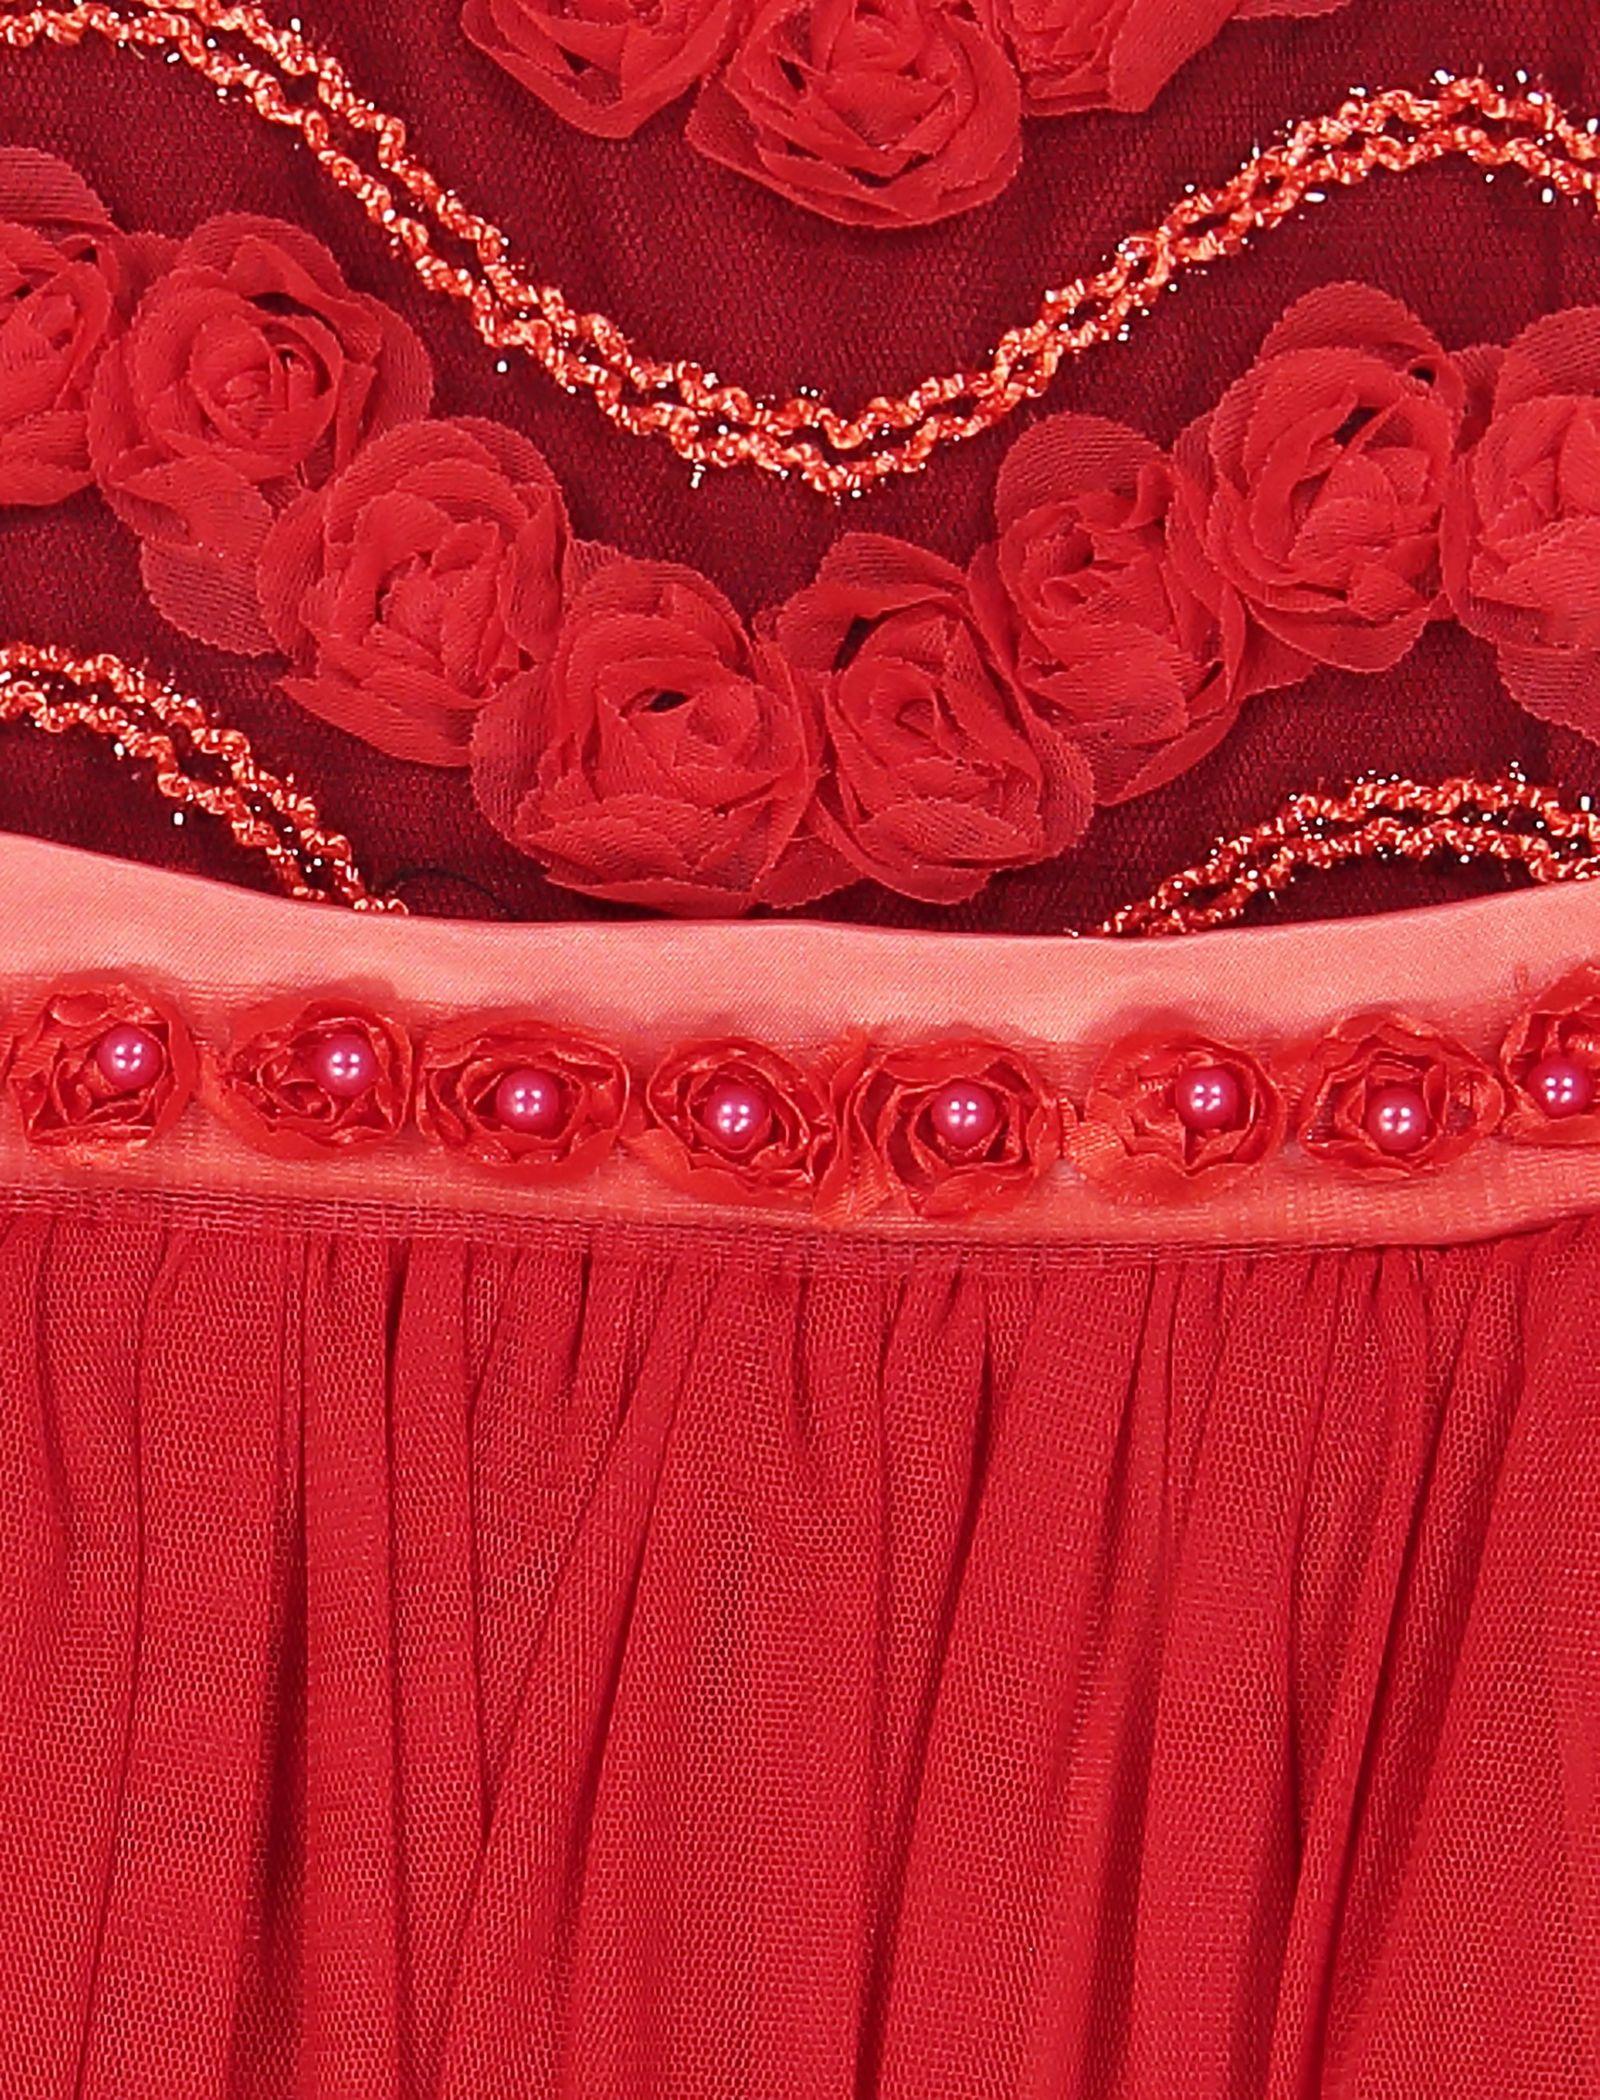 پیراهن مهمانی دخترانه - جم گل - قرمز  - 5